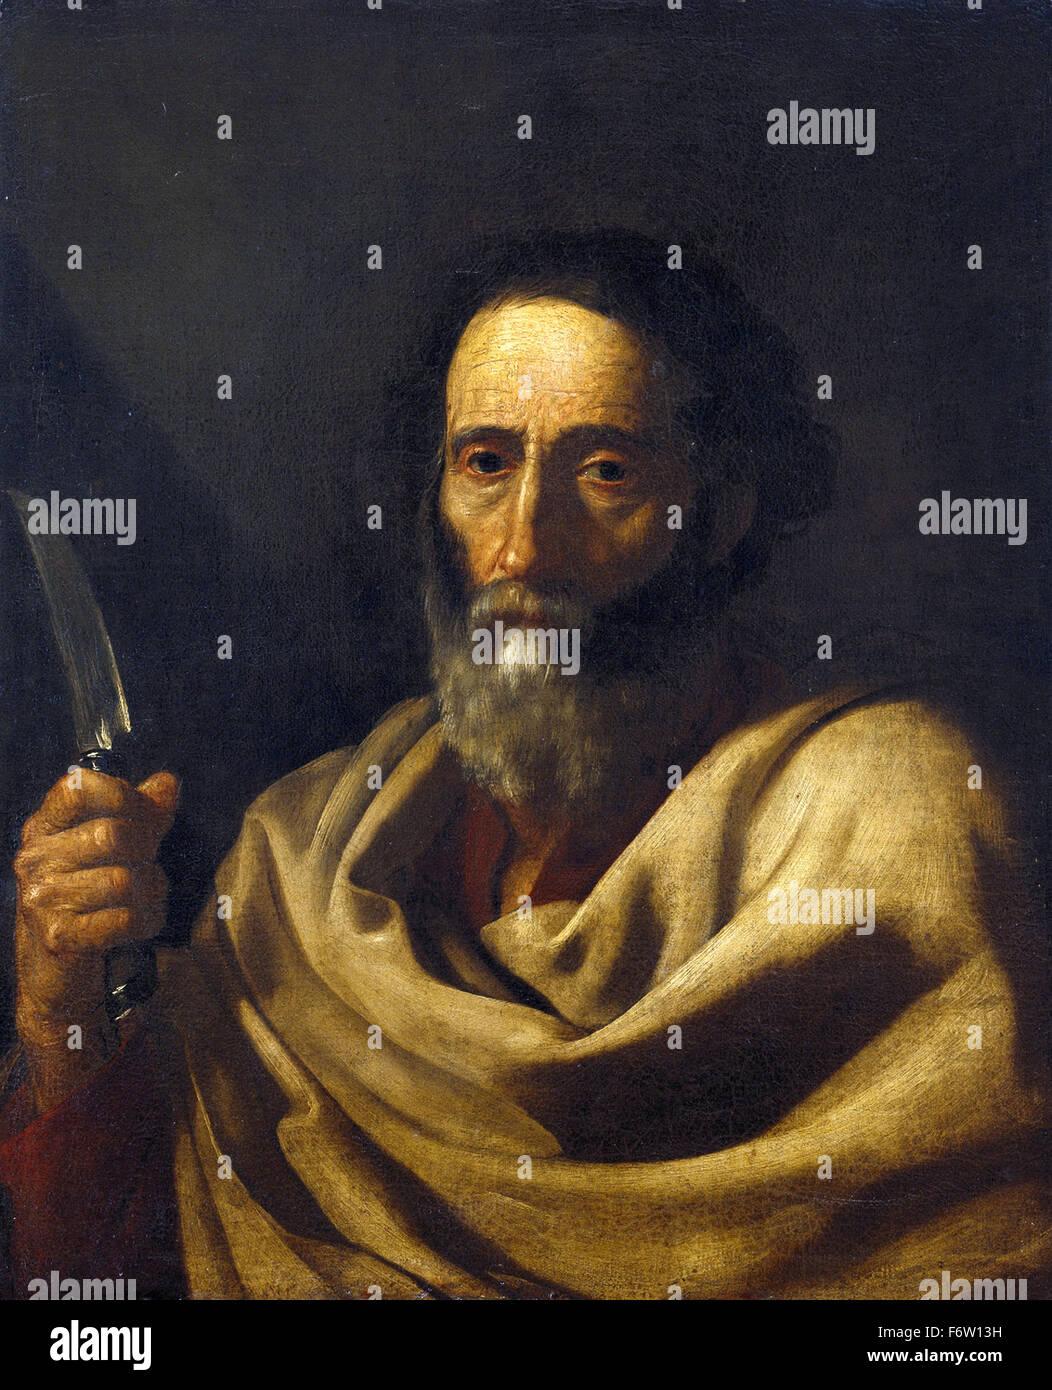 Jusepe de Ribera - Saint Bartholomew - Stock Image